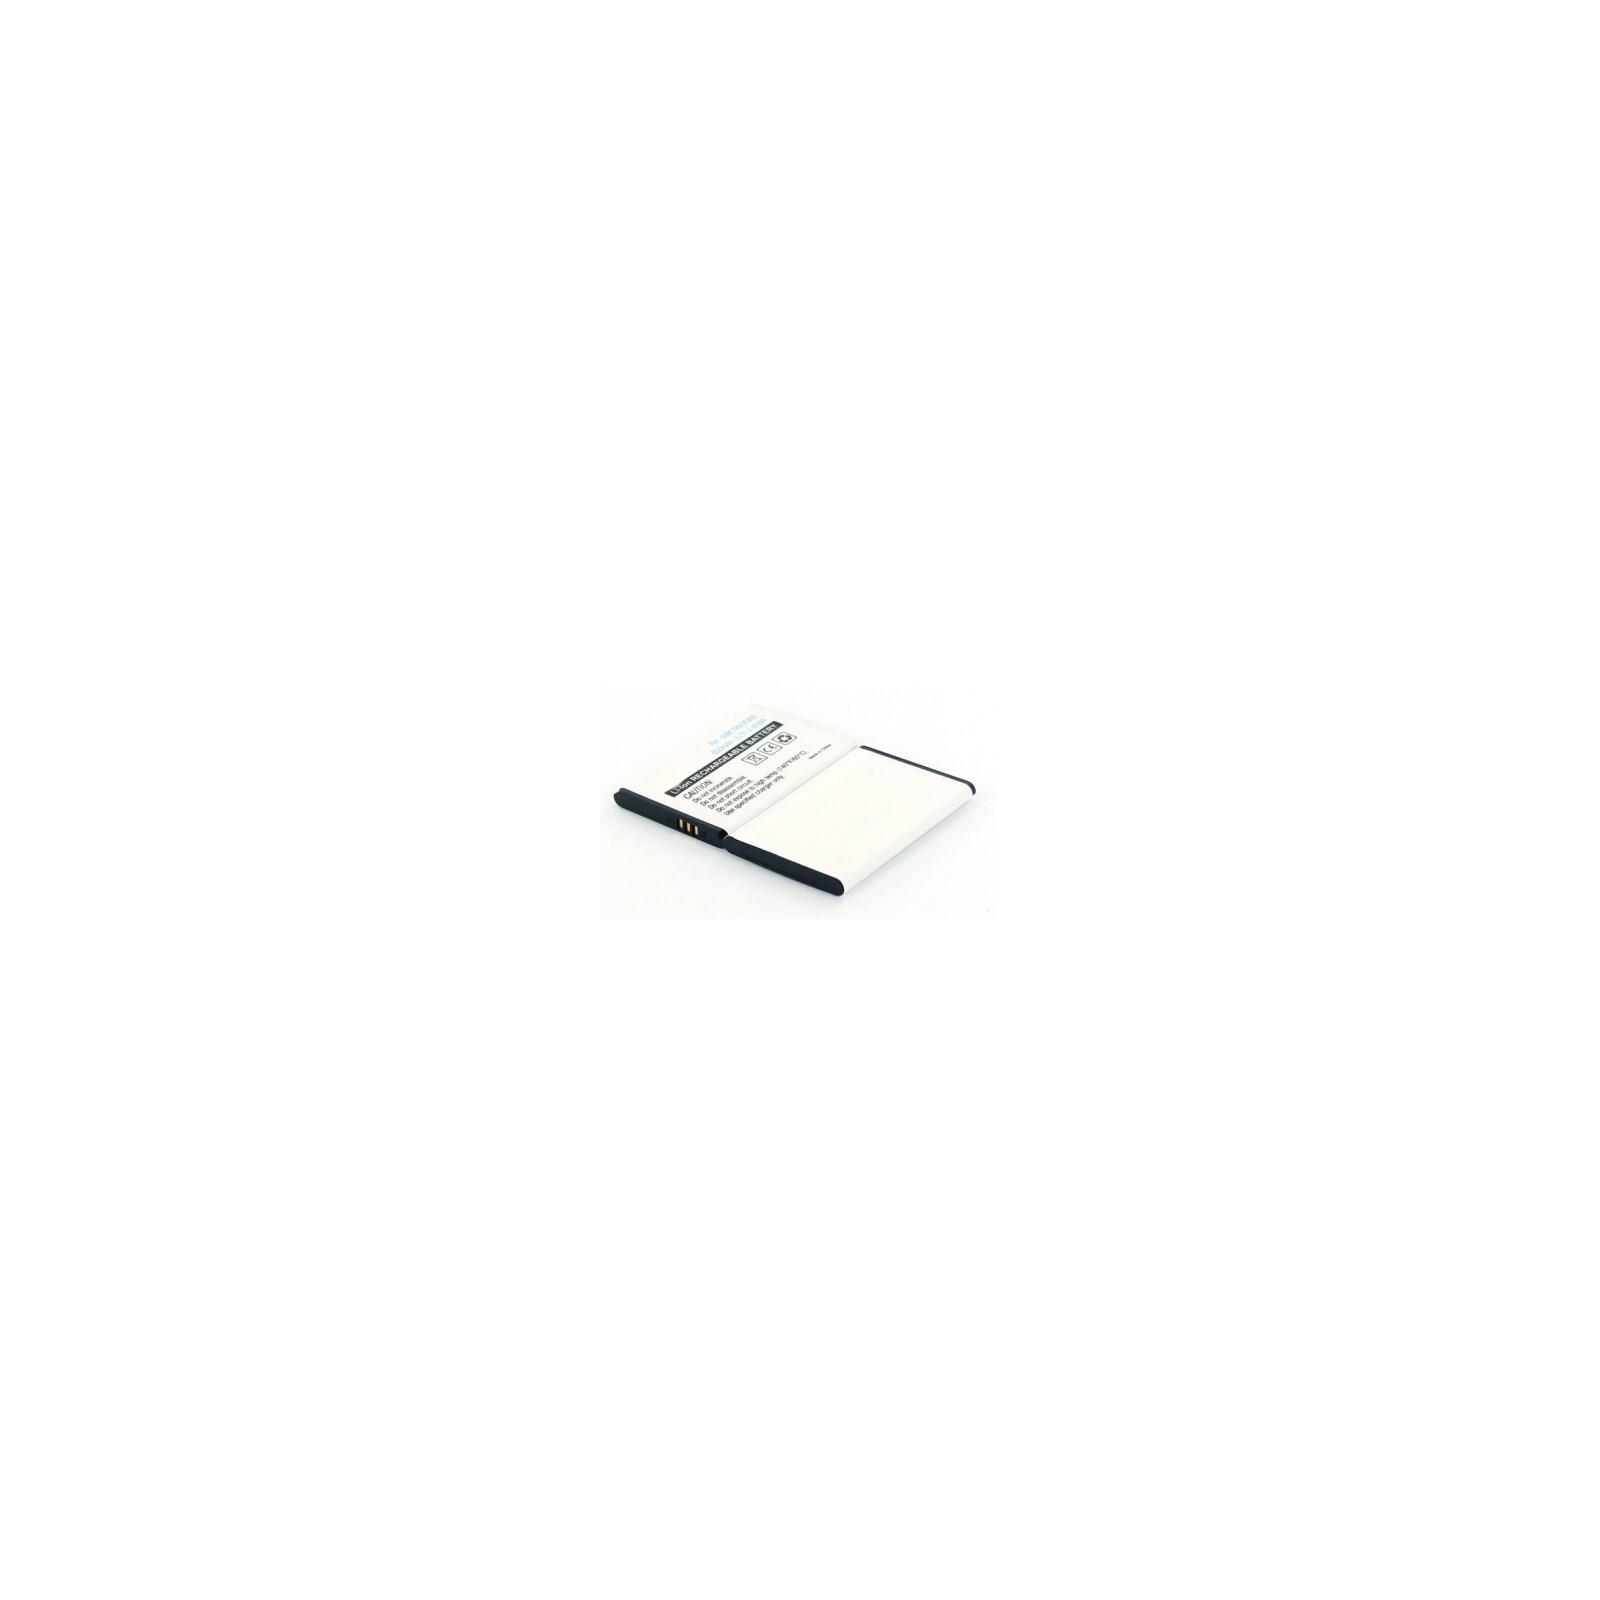 AGI Akku Samsung C3780 750mAh